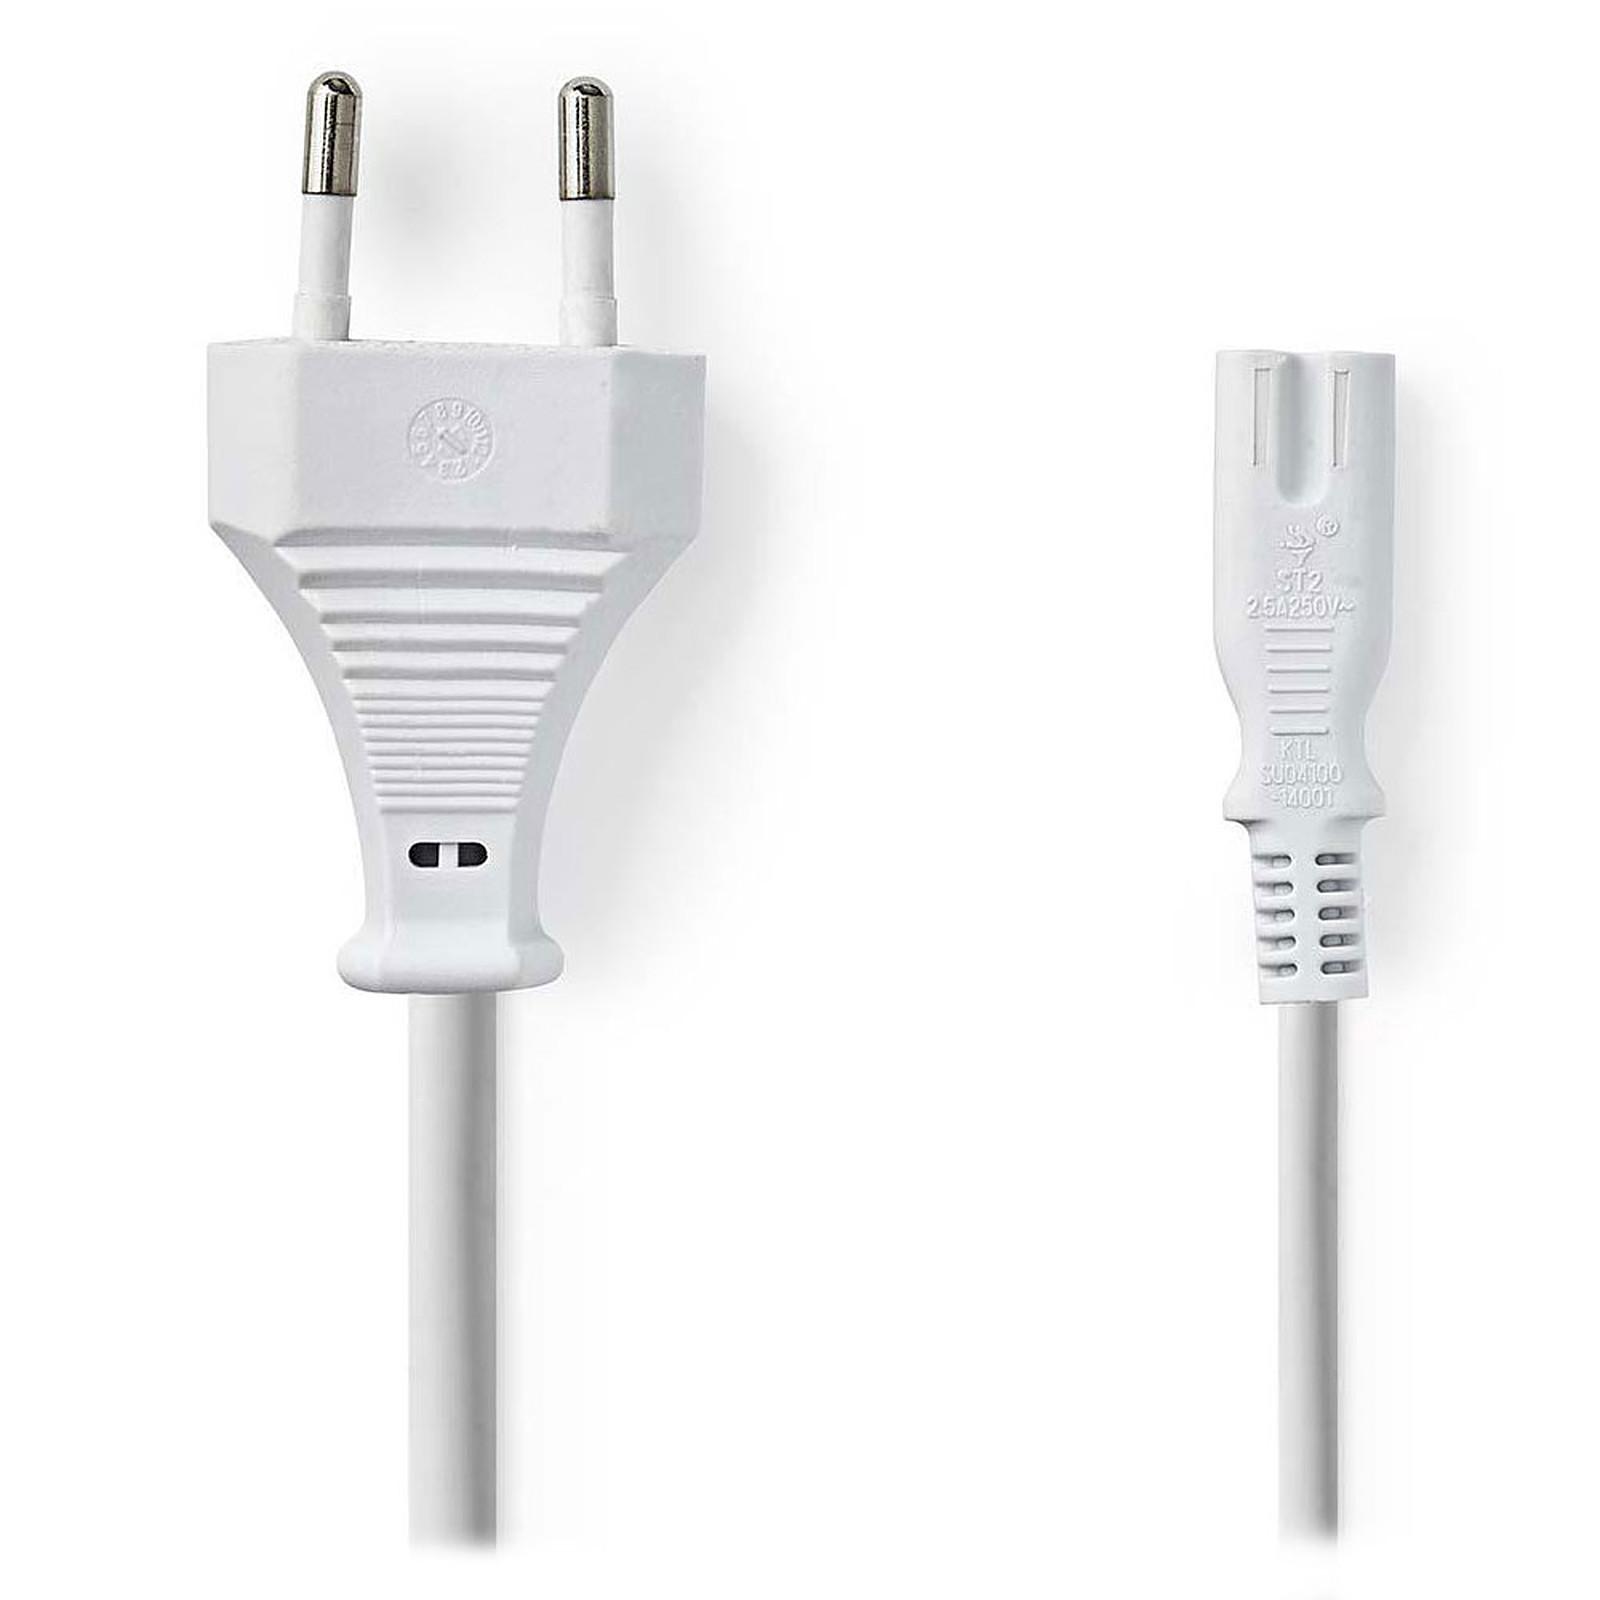 Nedis Câble d'alimentation bipolaire C7 blanc - 5 mètres